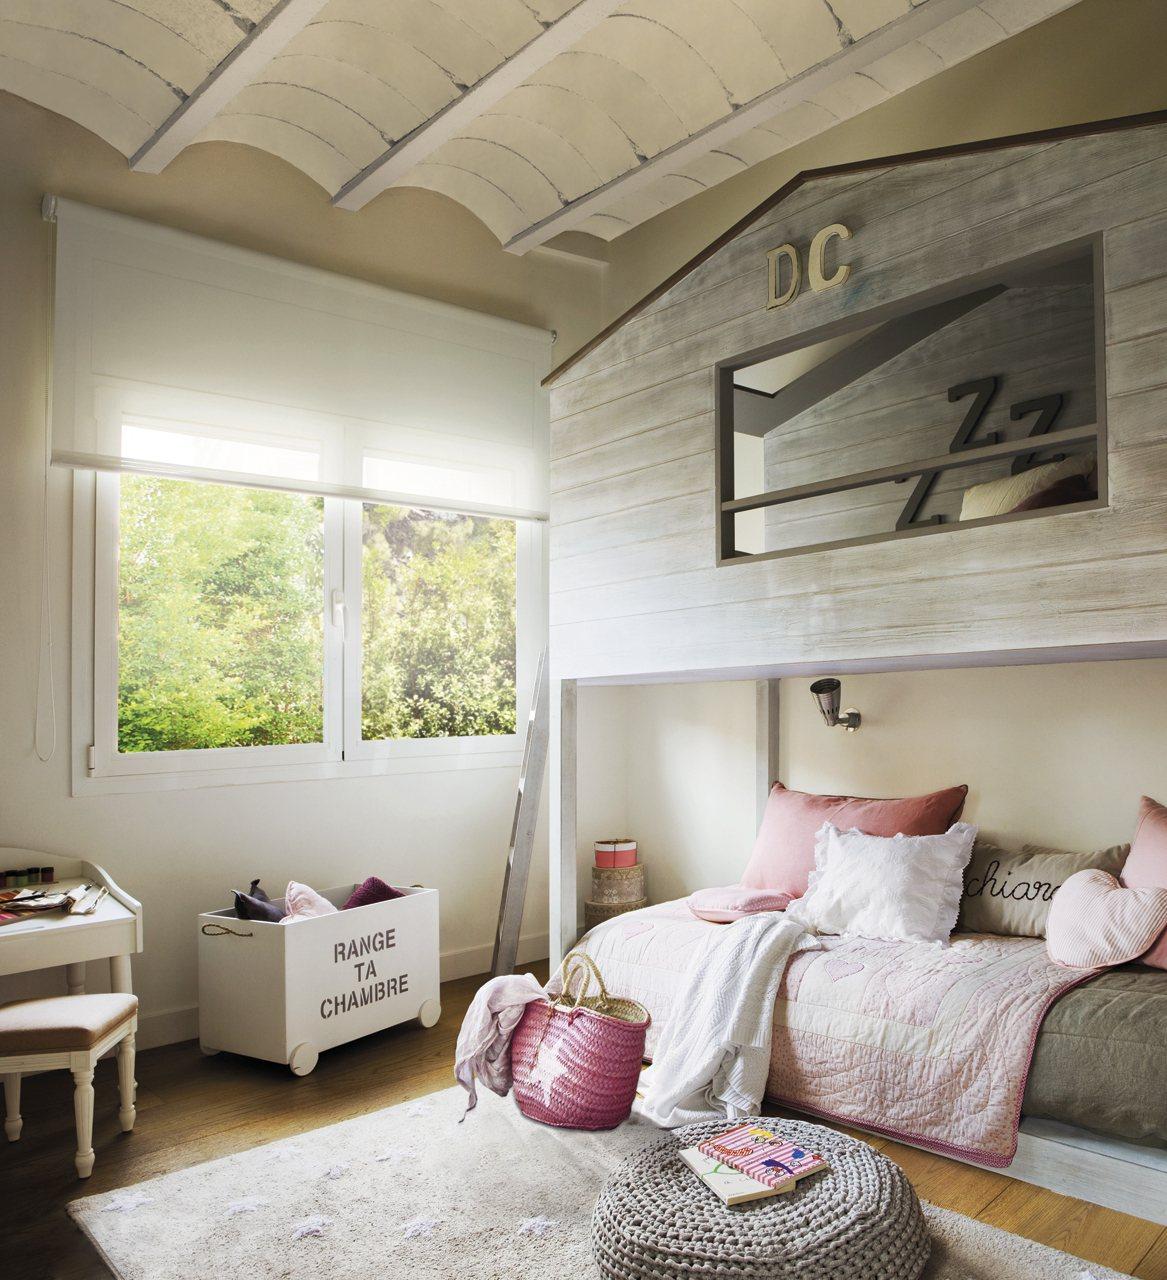 Habitaciones infantiles con dormitorio y zona de juegos - Habitacion con litera ...